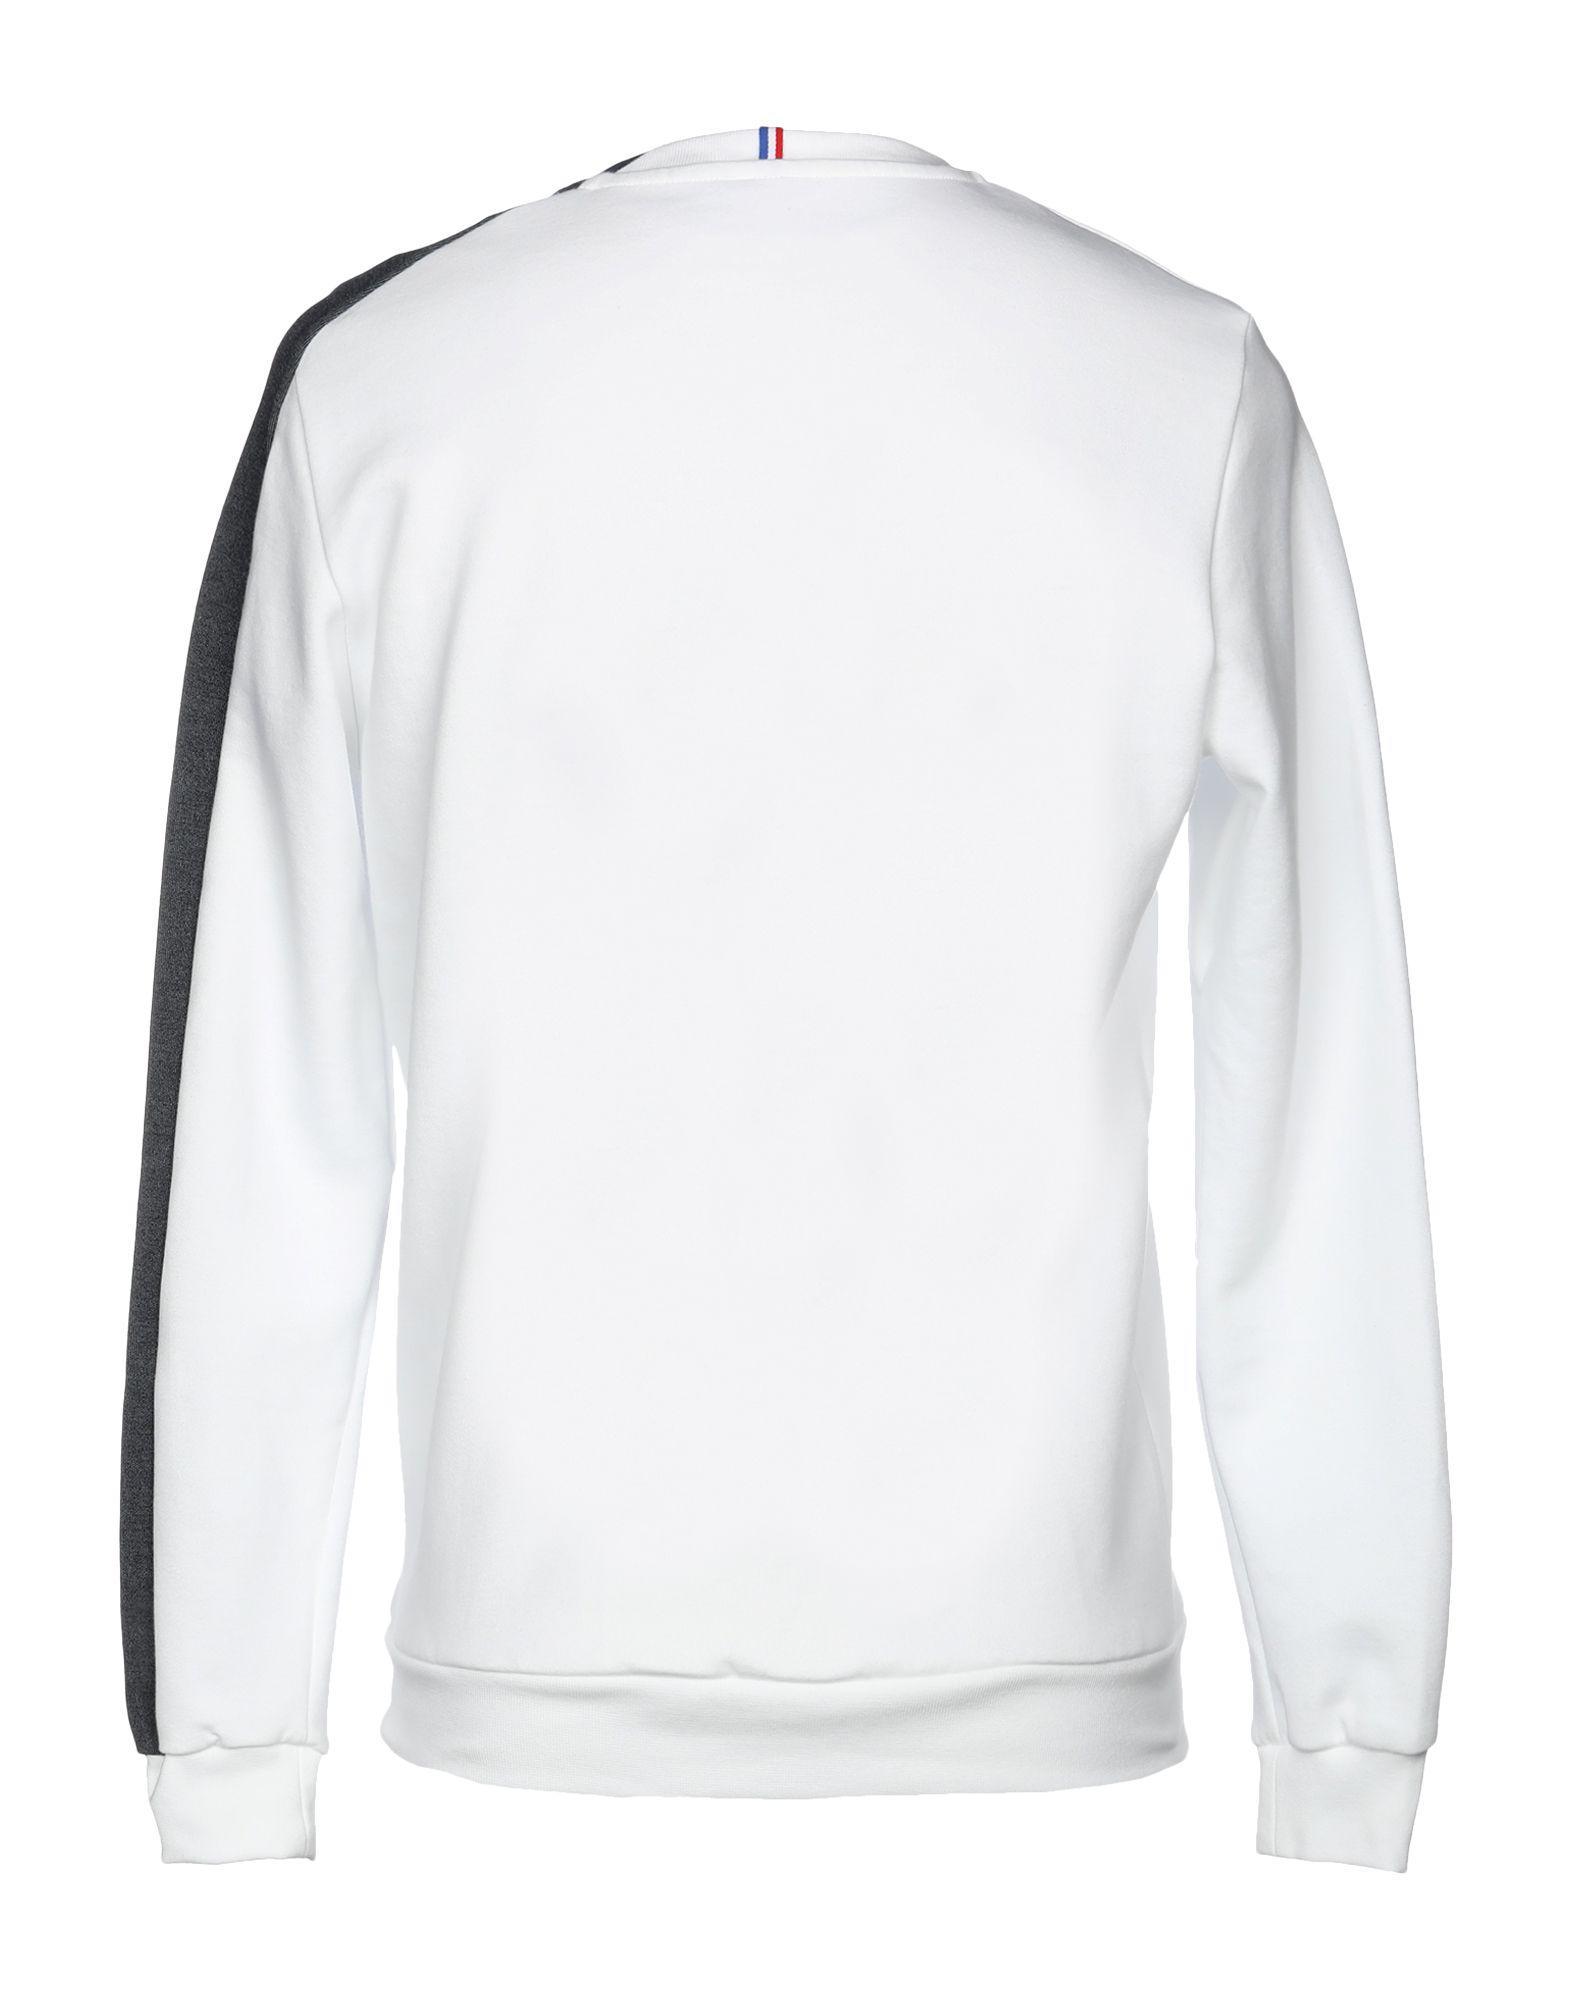 c32bfc434d49 Lyst - Le Coq Sportif Sweatshirt in White for Men